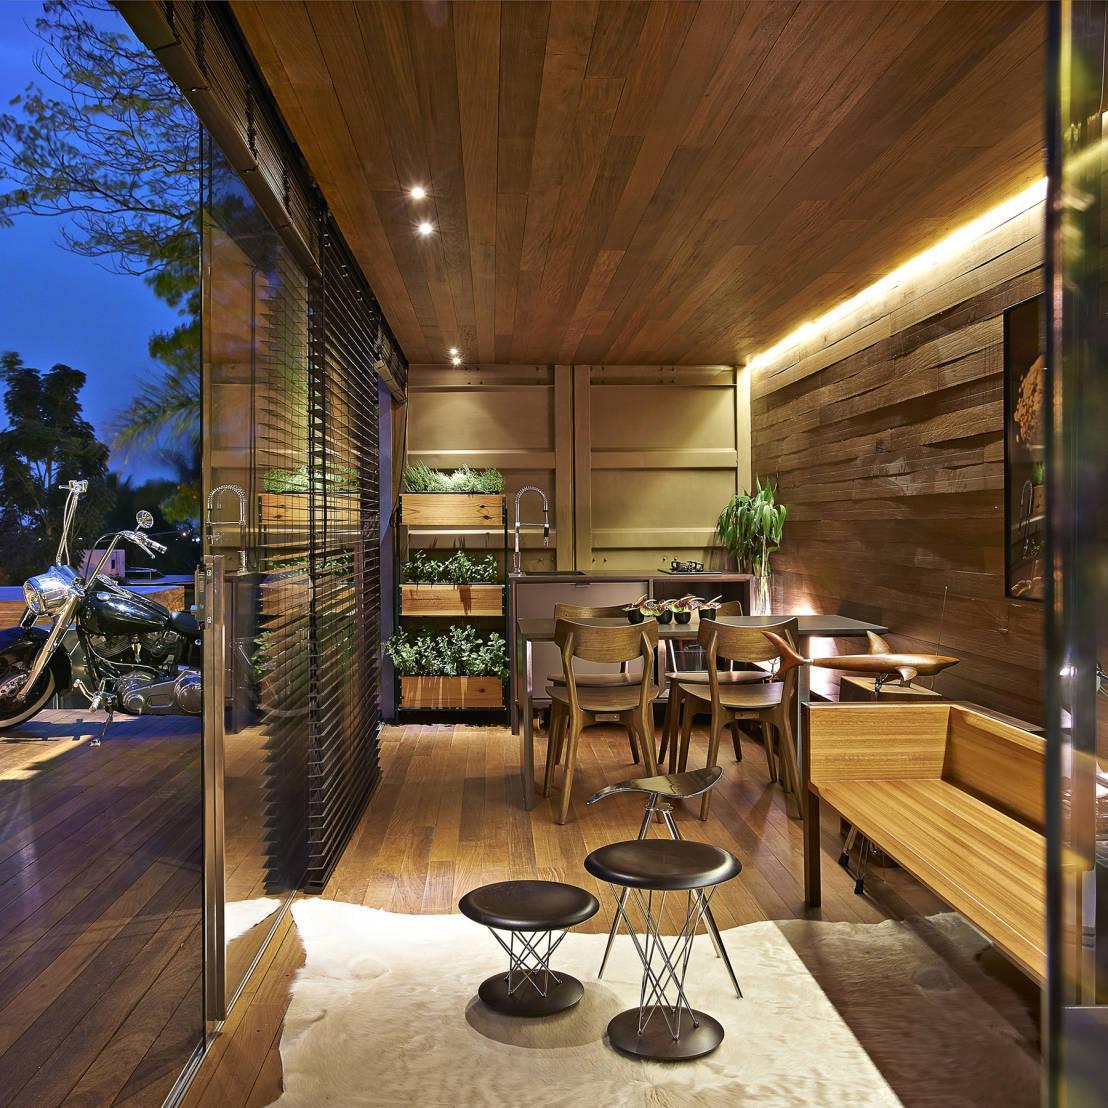 60 casas r sticas fachadas inspira es e fotos lindas for Fachadas de casas modernas y rusticas